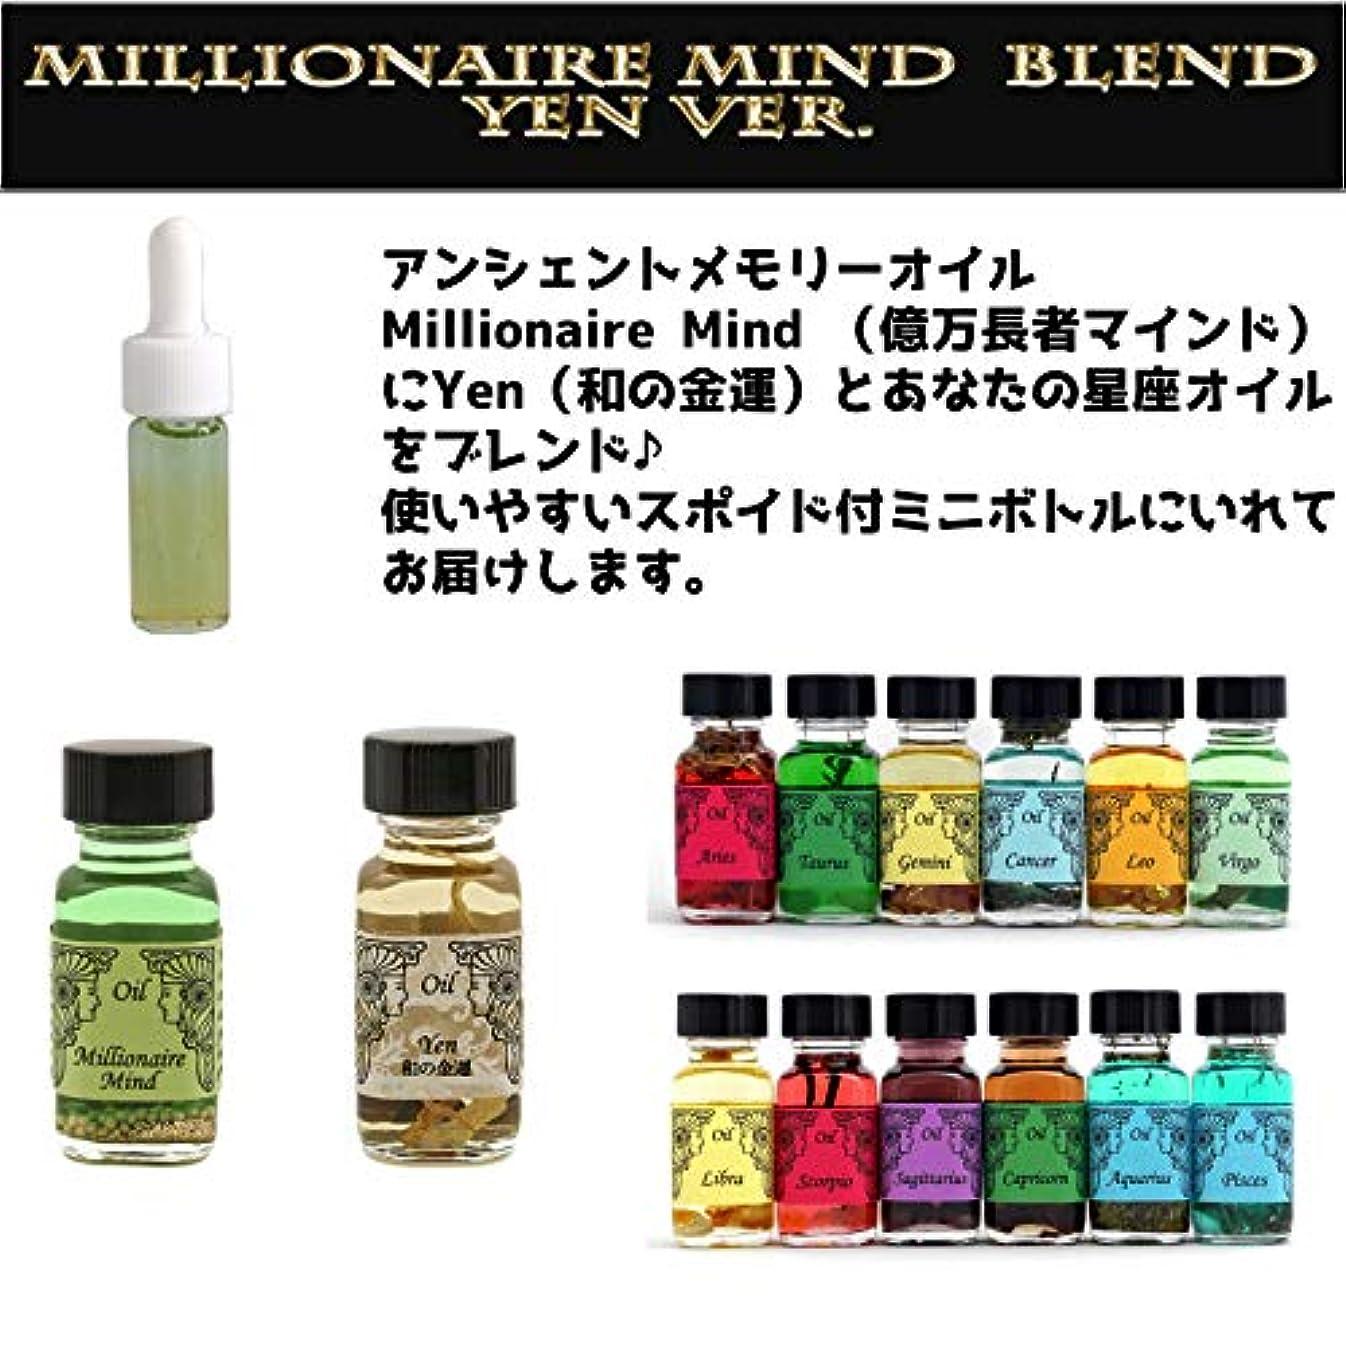 飢饉ターゲット個人的にアンシェントメモリーオイル Millionaire Mind 億万長者マインド ブレンド【Yen 和の金運&うお座】